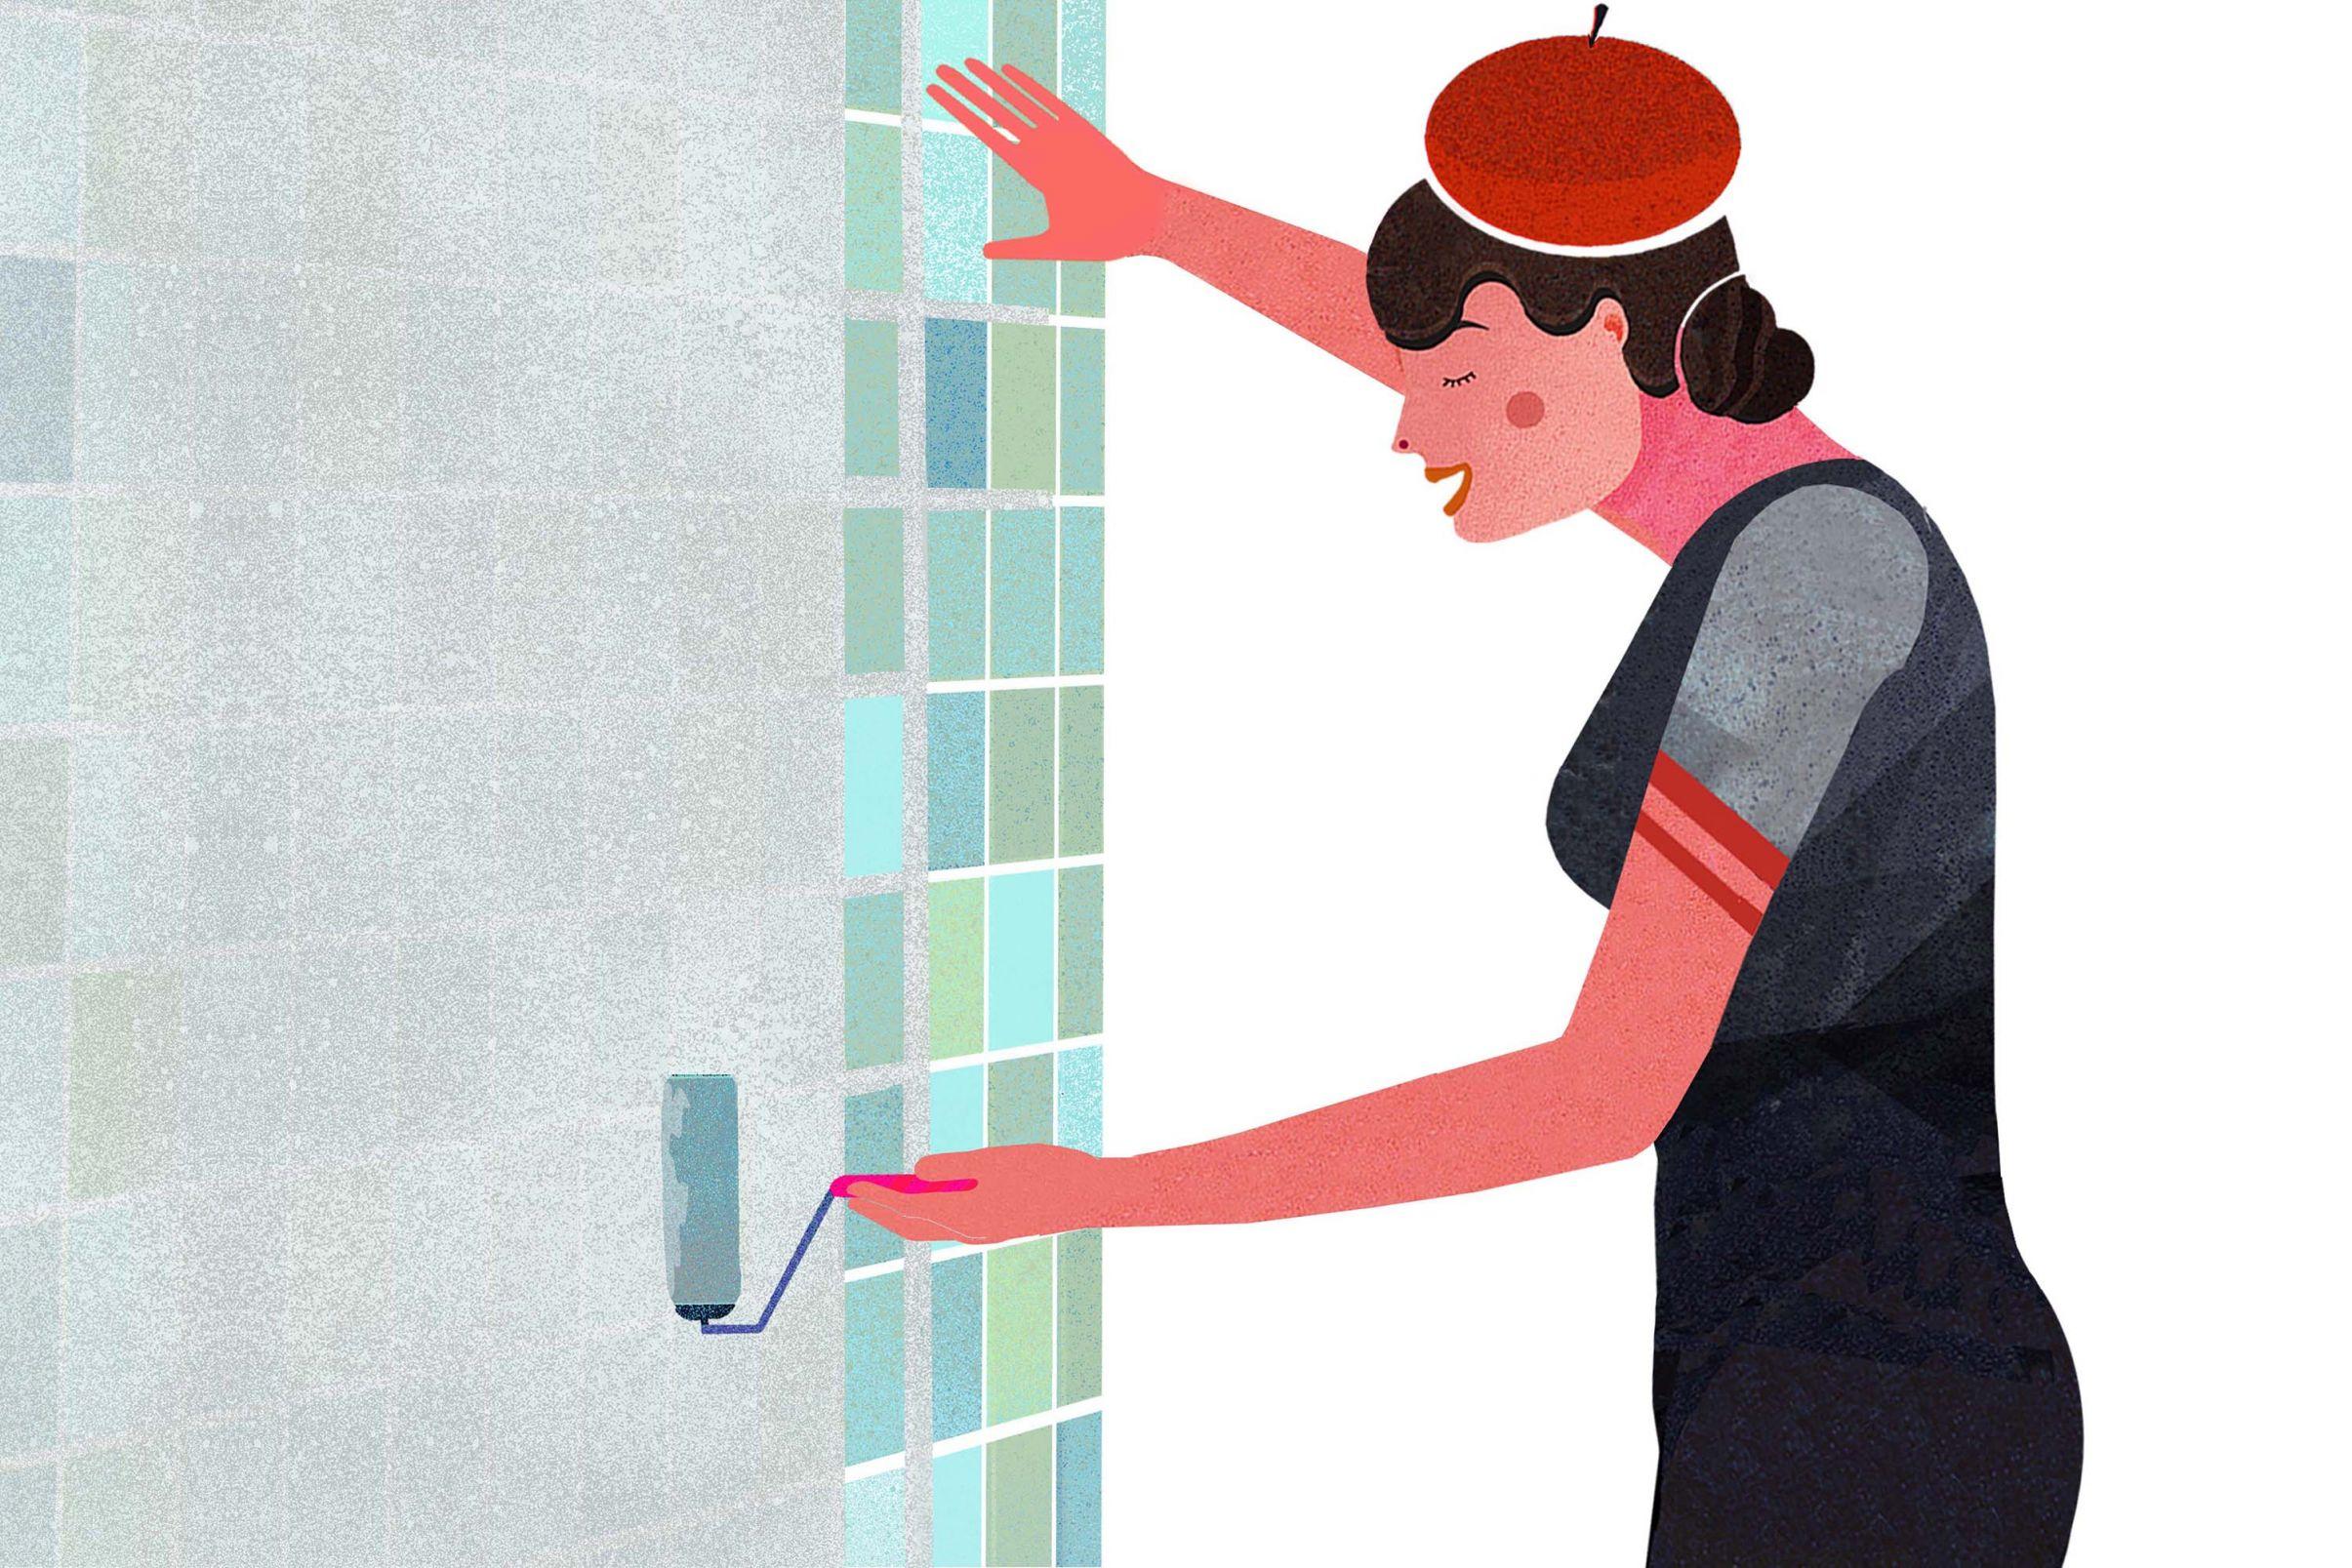 Come-tappezzare-il-bagno-Applicate-il-primer-penetrante-due-volte-poi-applicate-la-carta-fodera